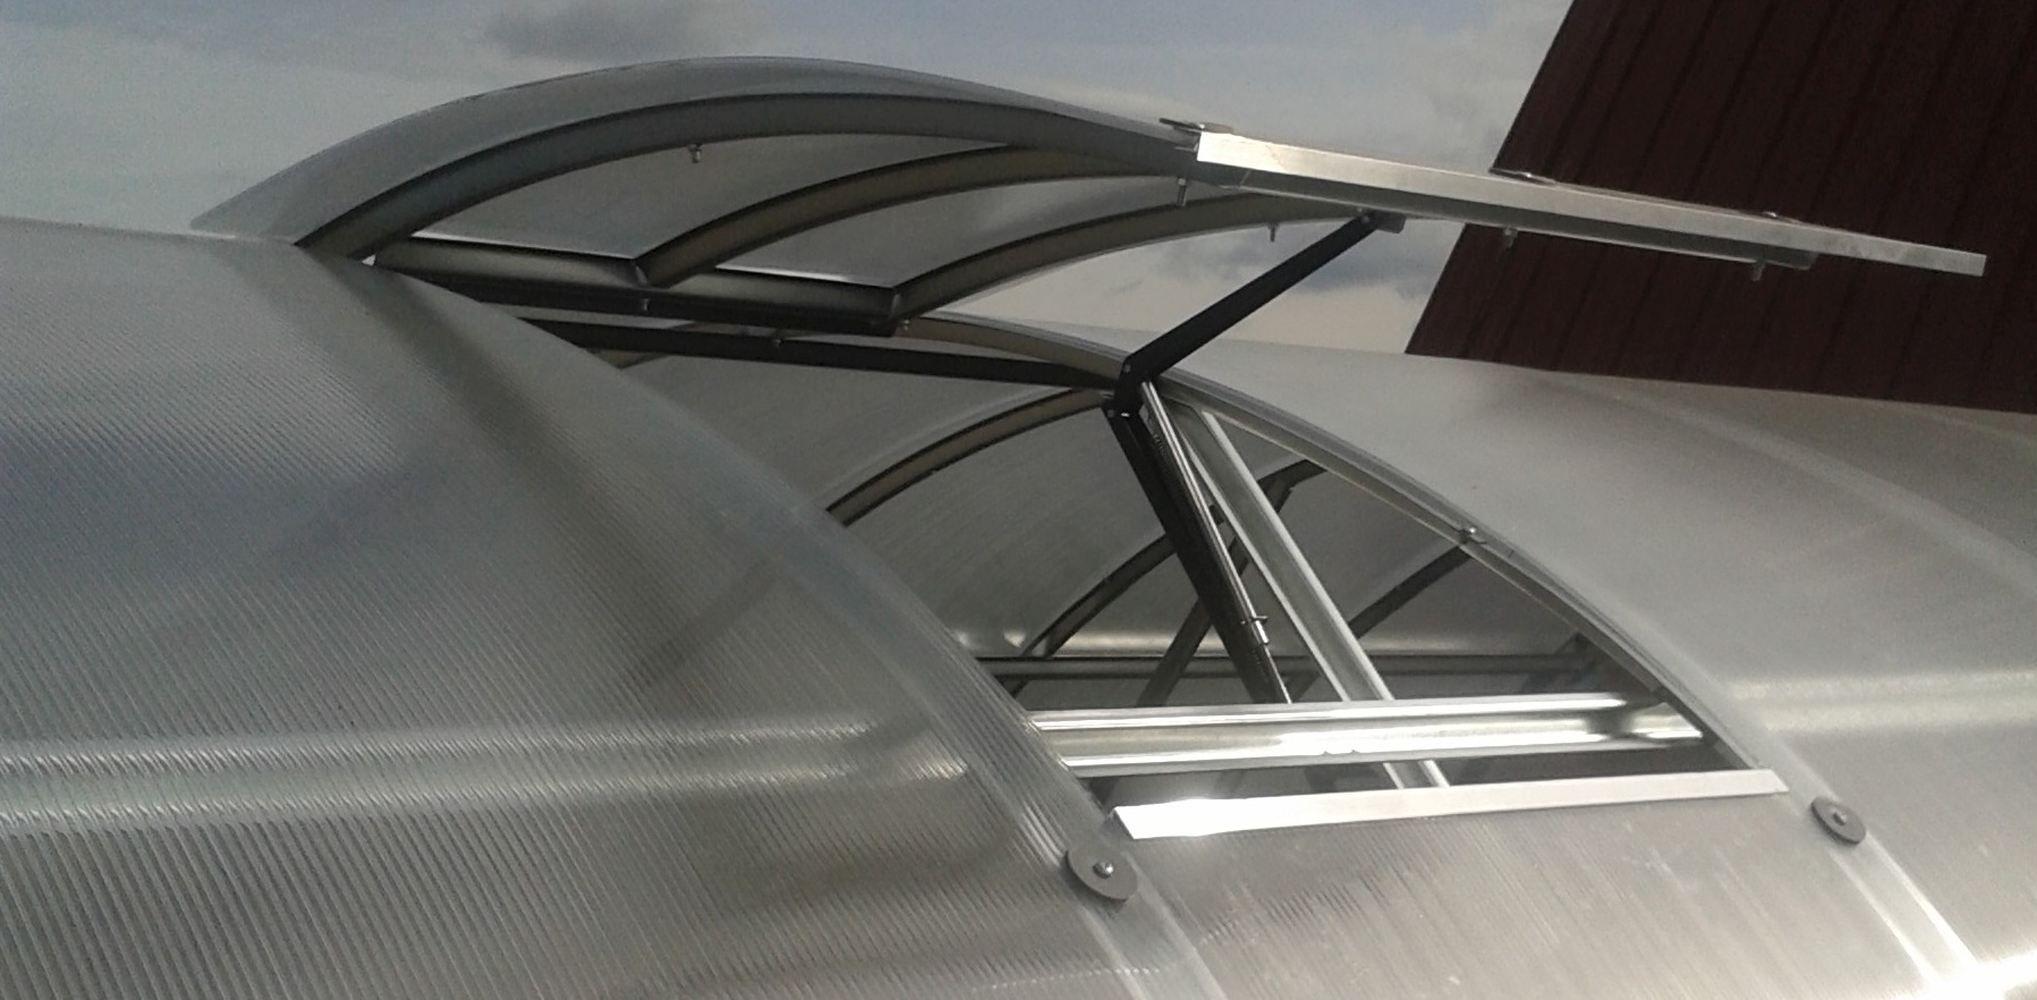 Dachfenster für die Gewächshäuser - Farbe: Aluminium